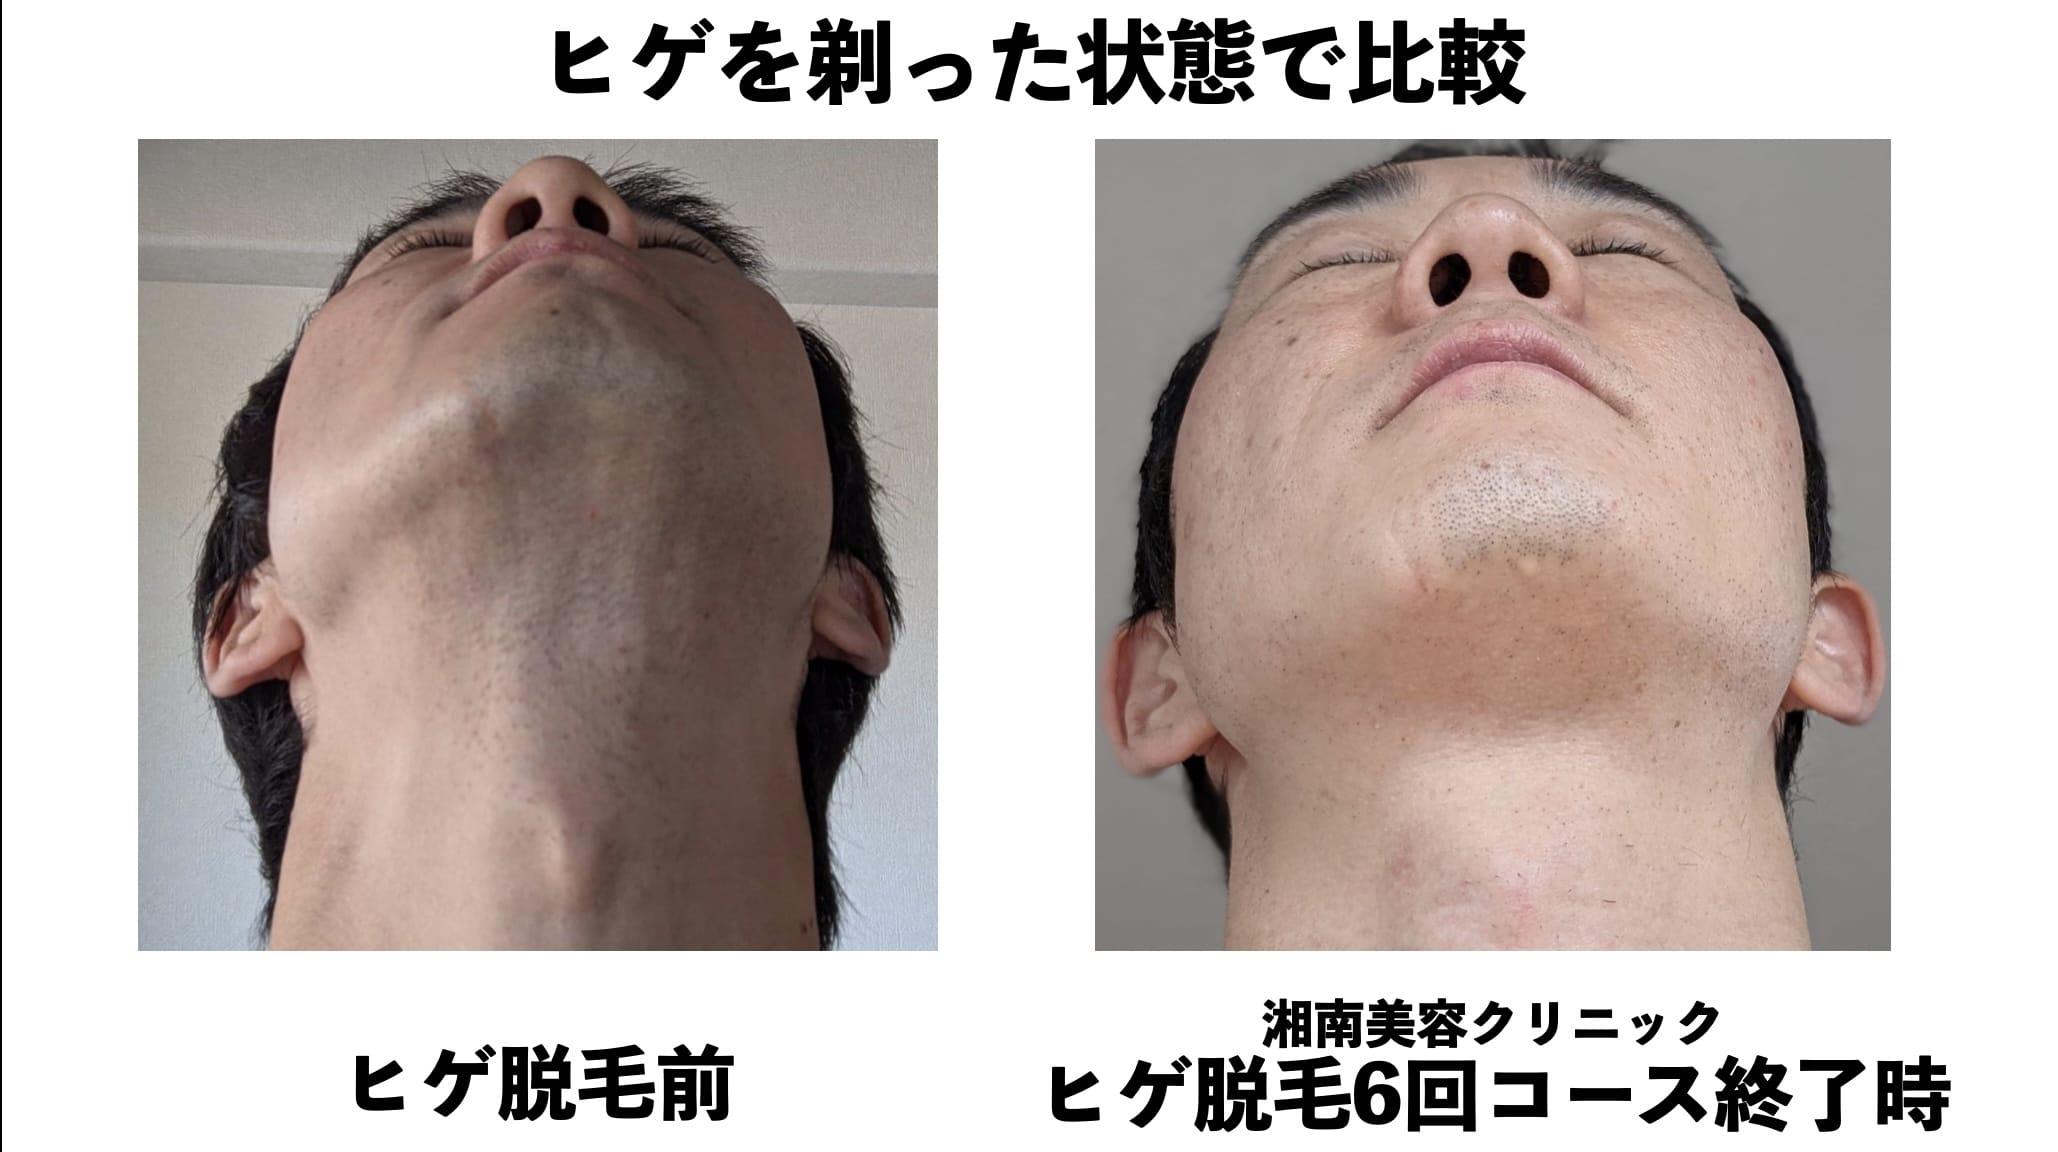 ヒゲを剃った状態での比較(アゴ・アゴ下)湘南美容クリニックのヒゲ脱毛の効果検証